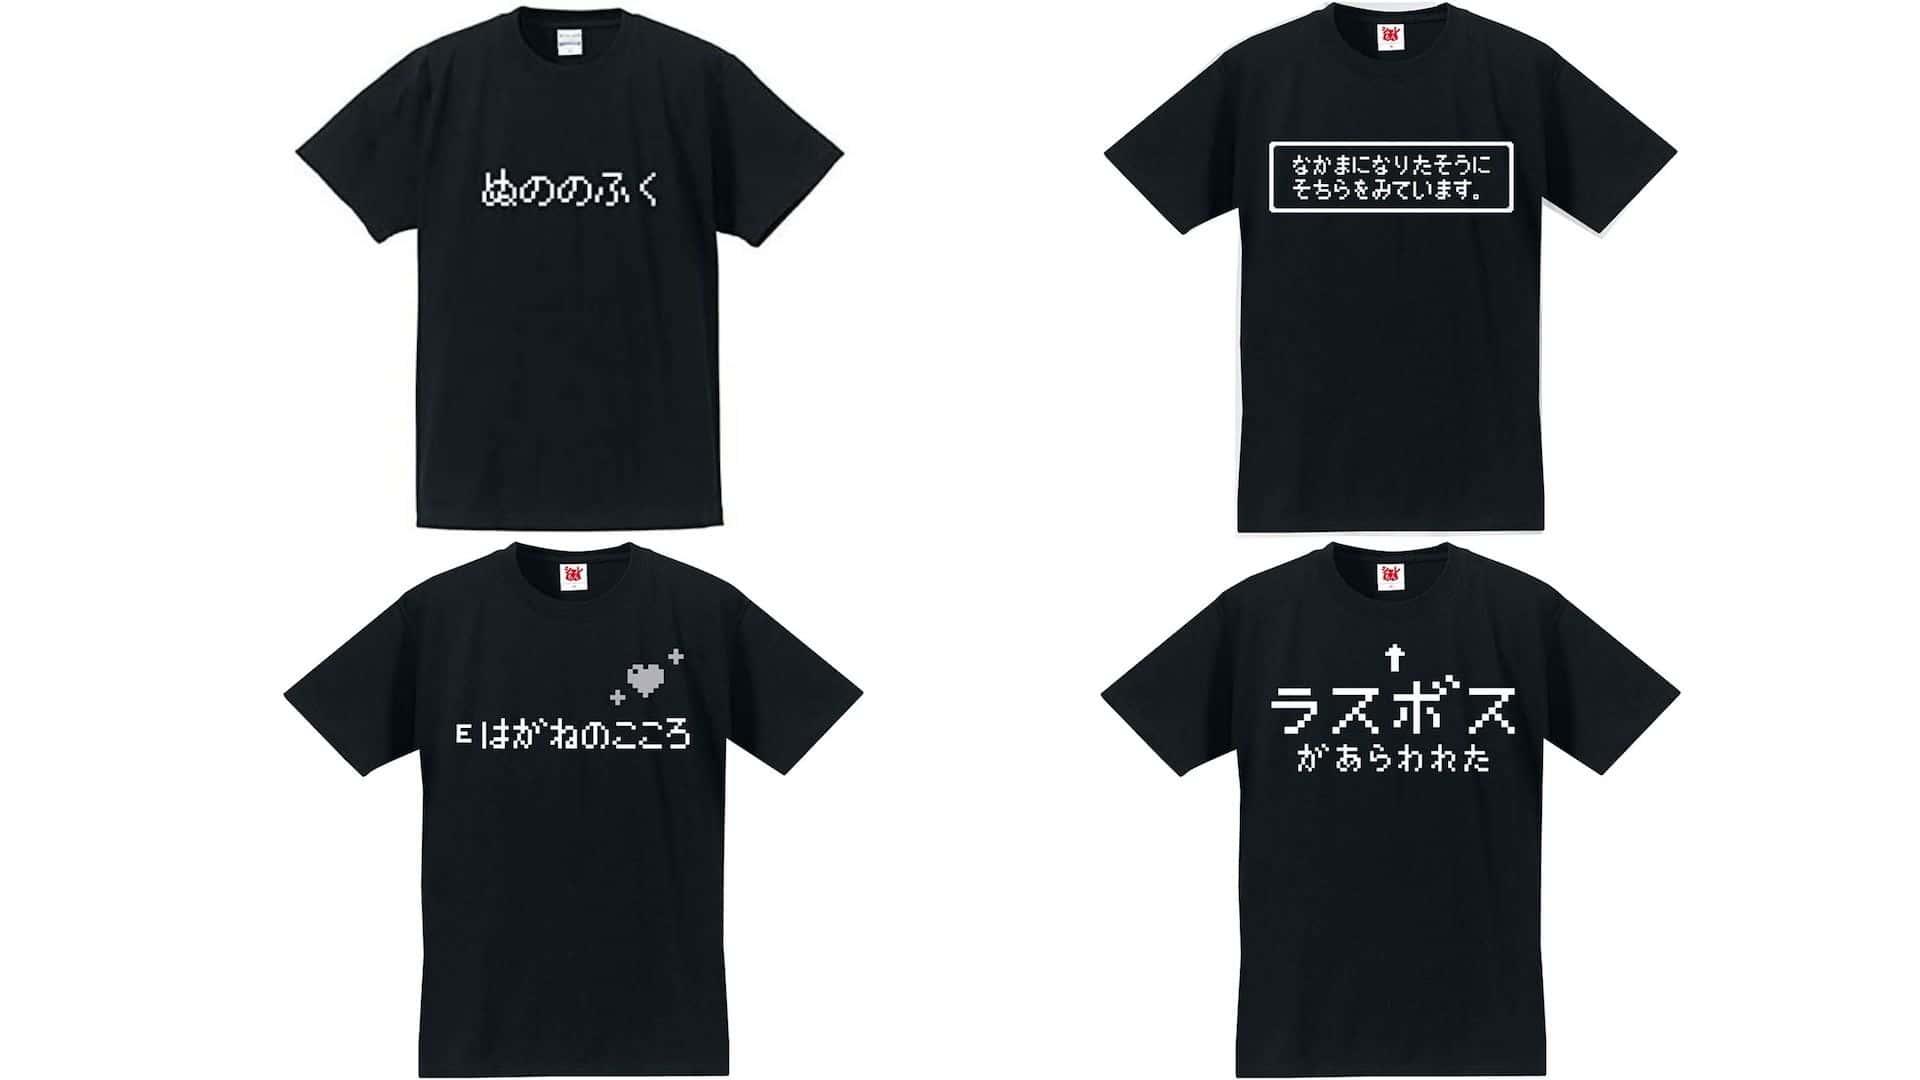 ドラクエグッズ:ネタTシャツ